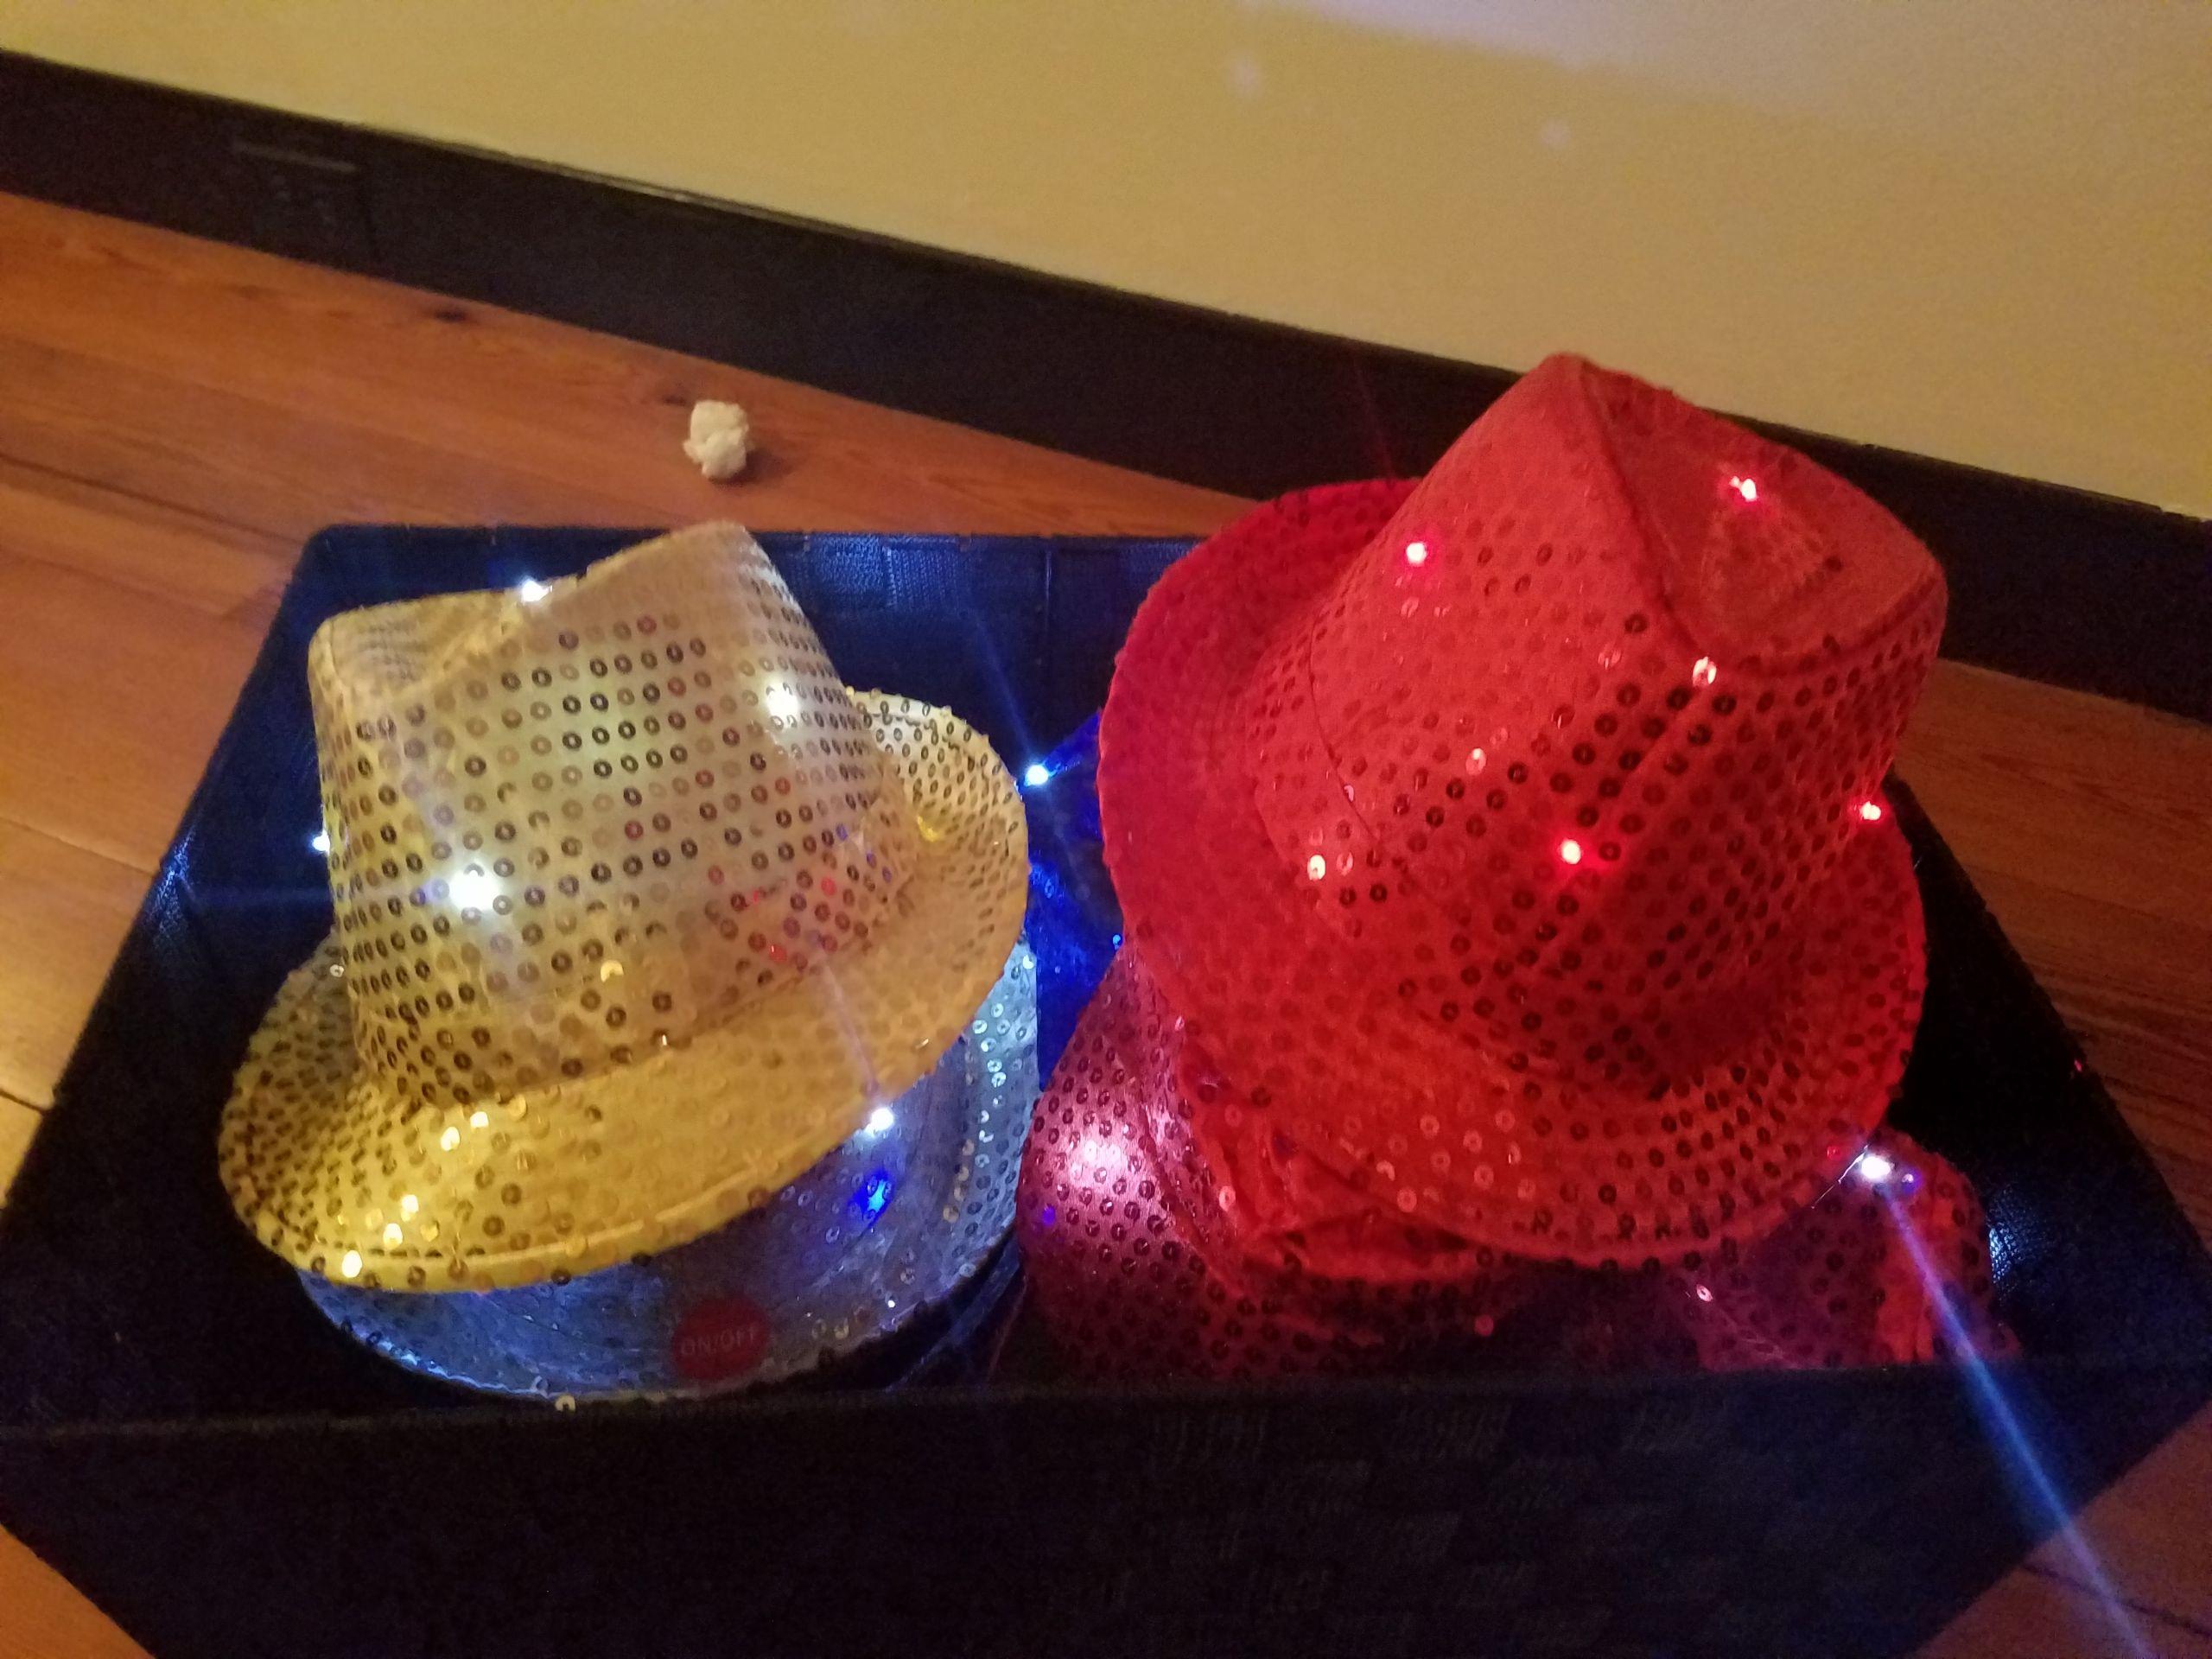 LED hats